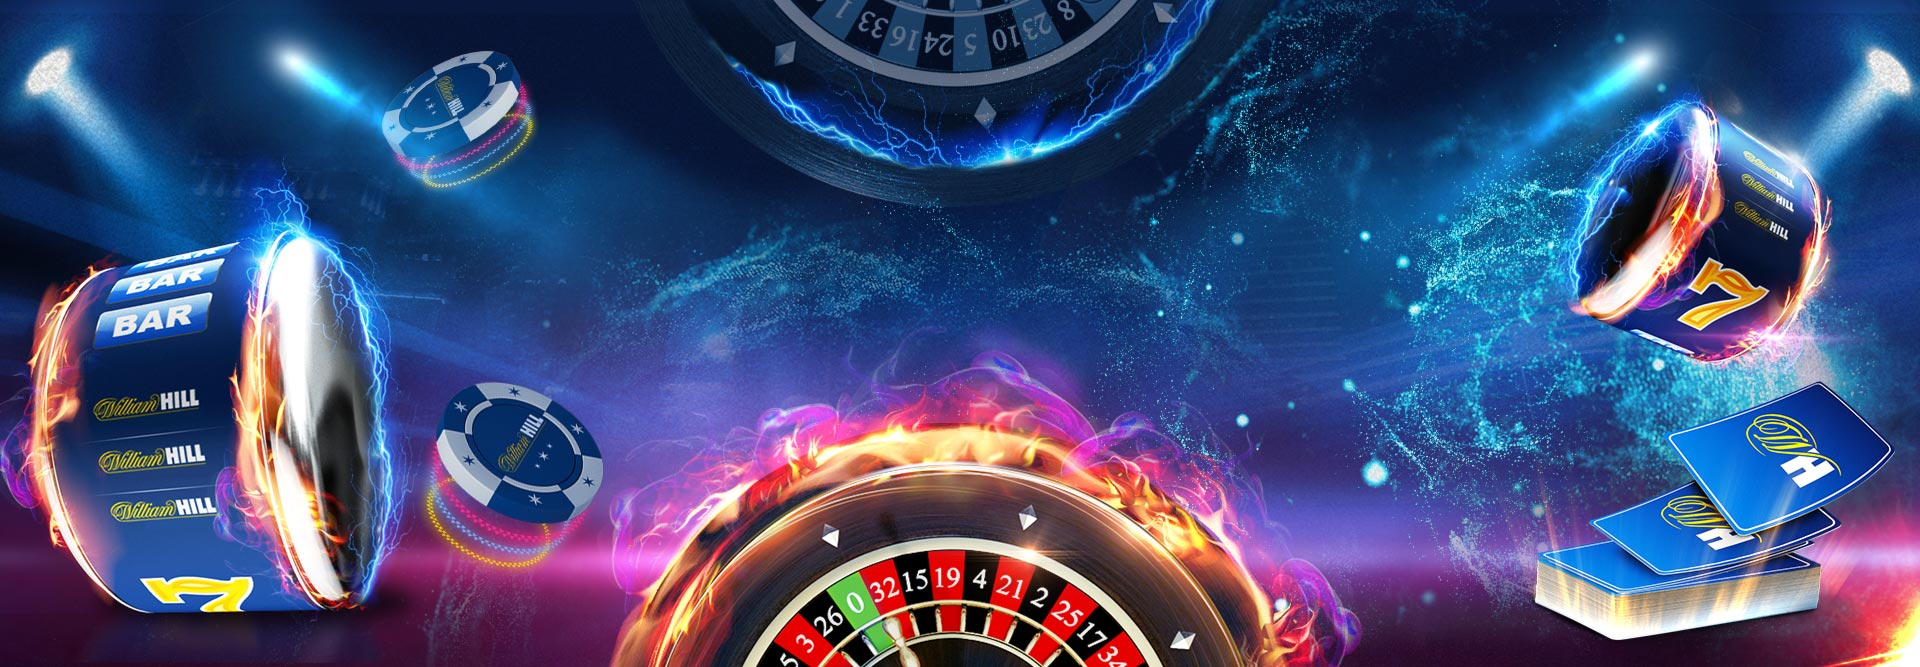 Игровые автоматы по 10 копеек вулкан покер на любовь смотреть онлайн